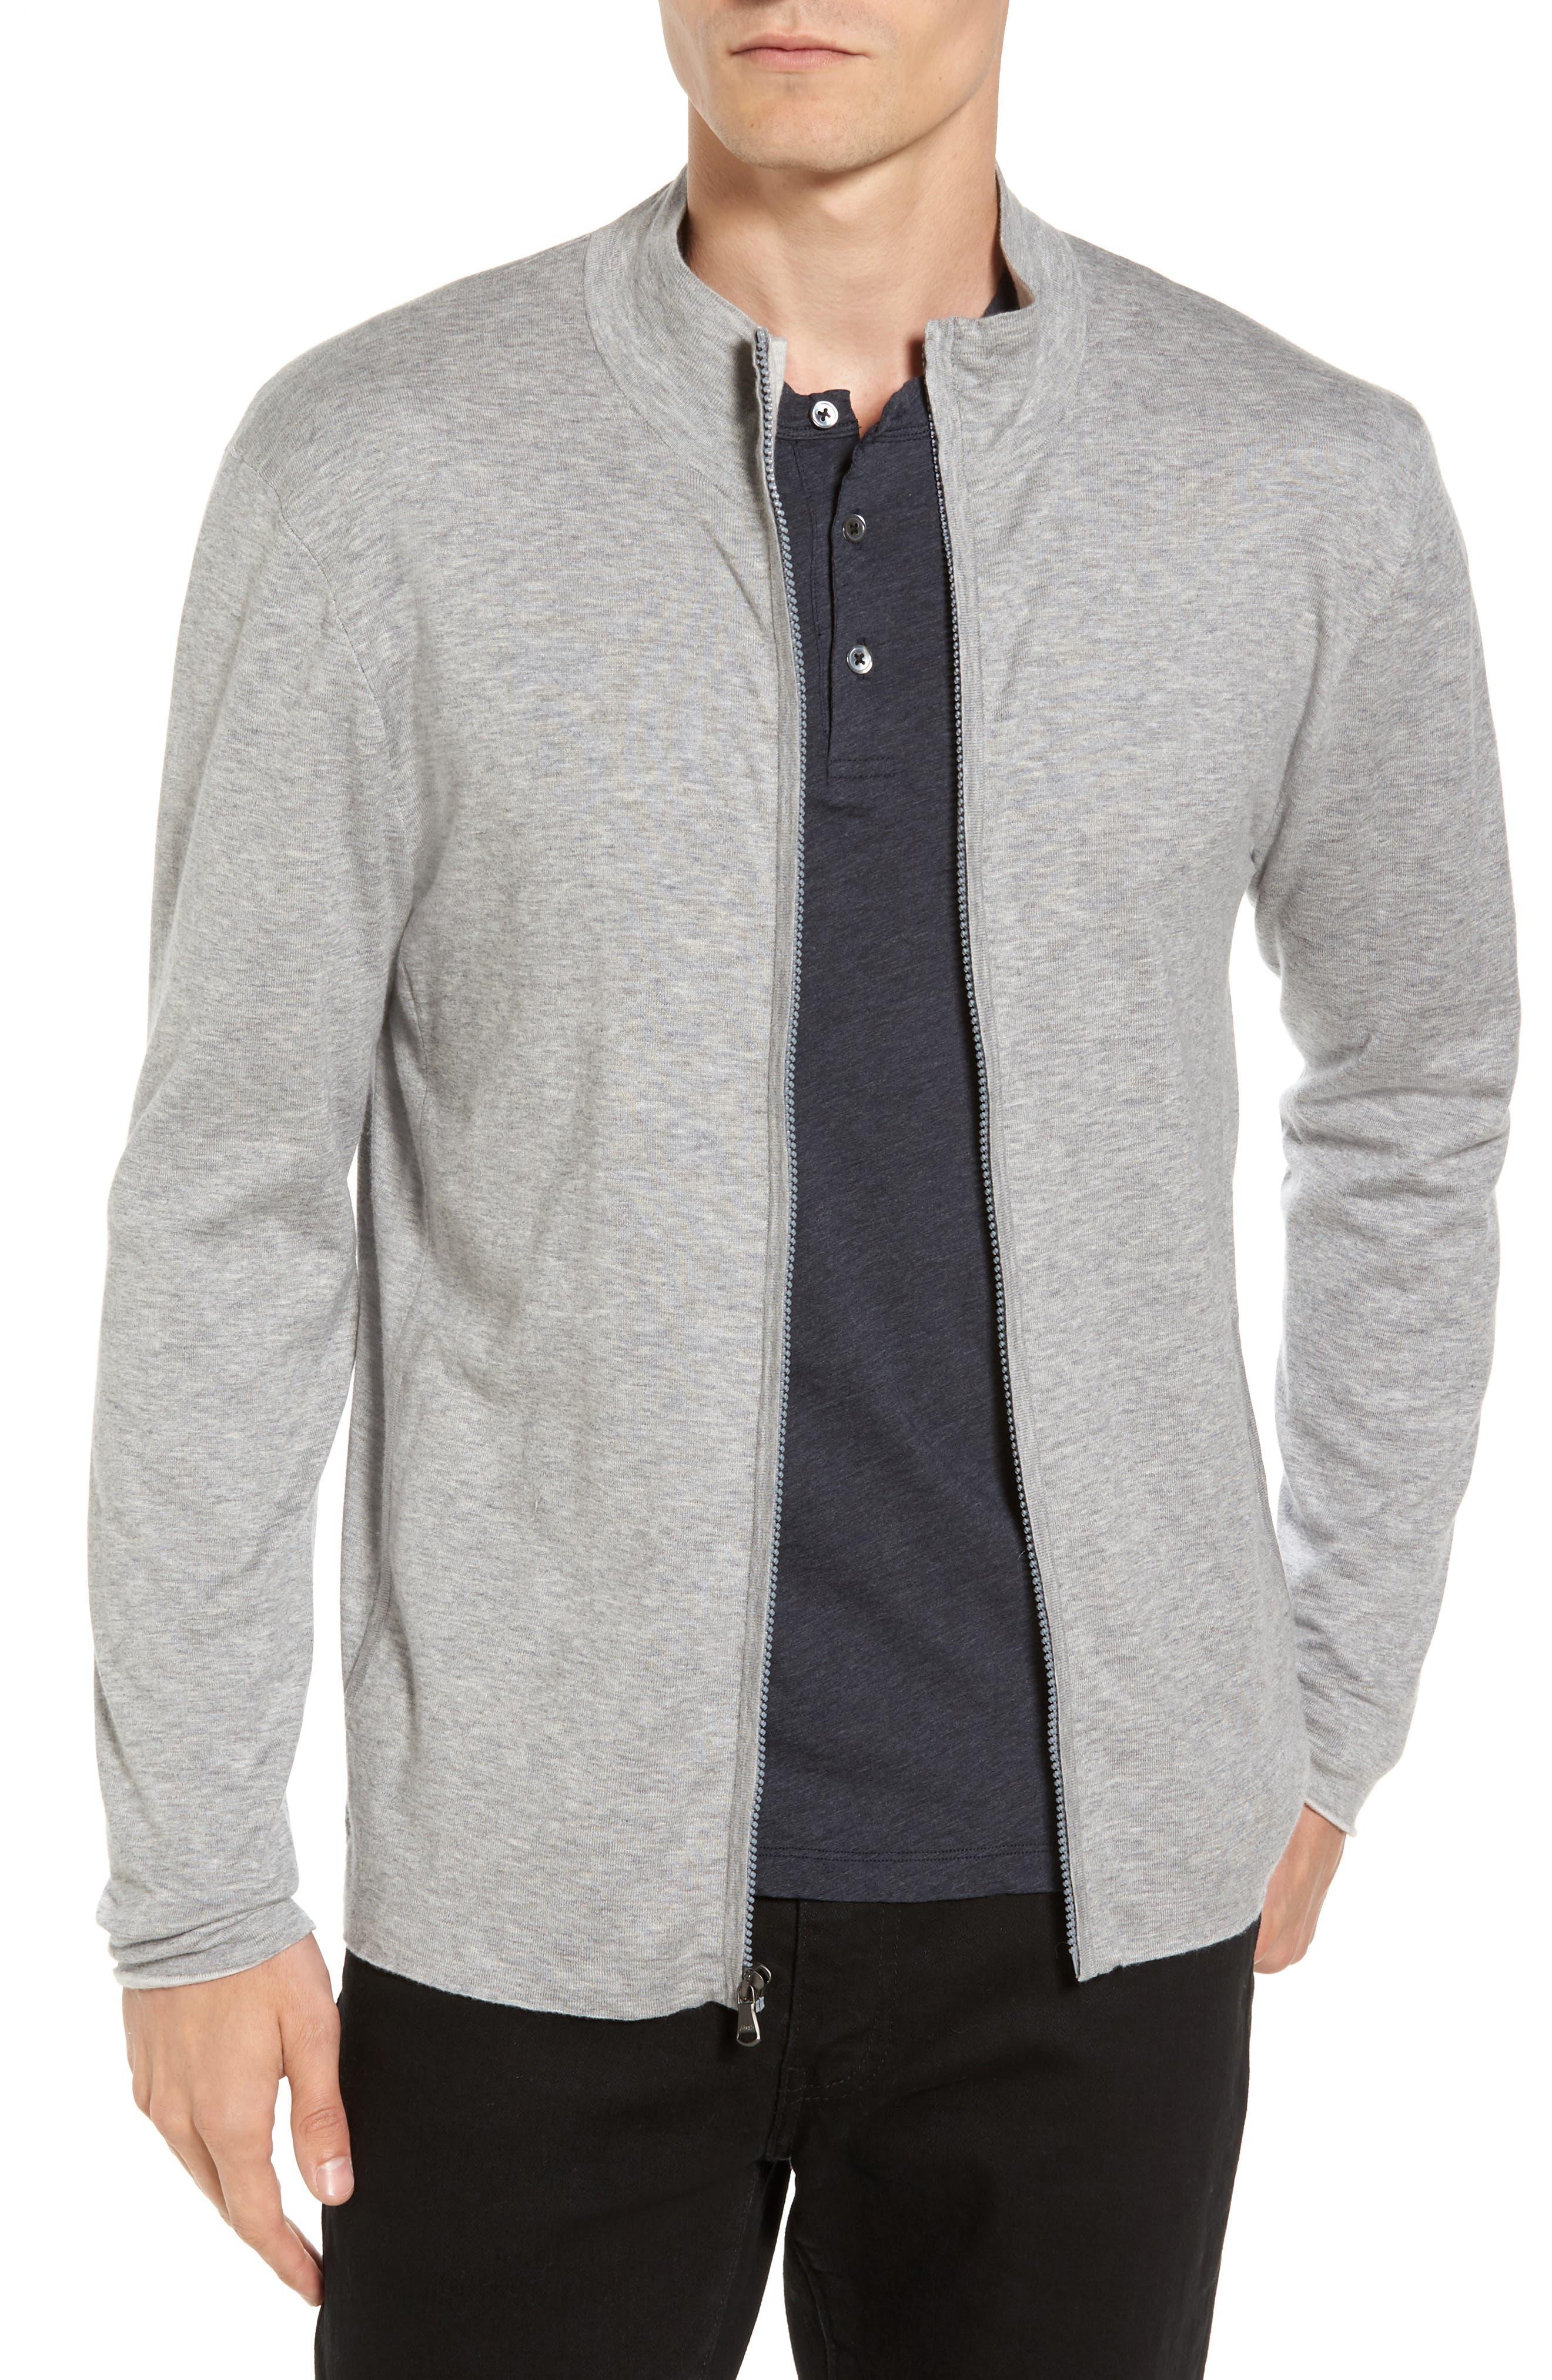 James Perse Mock Neck Zip Sweatshirt